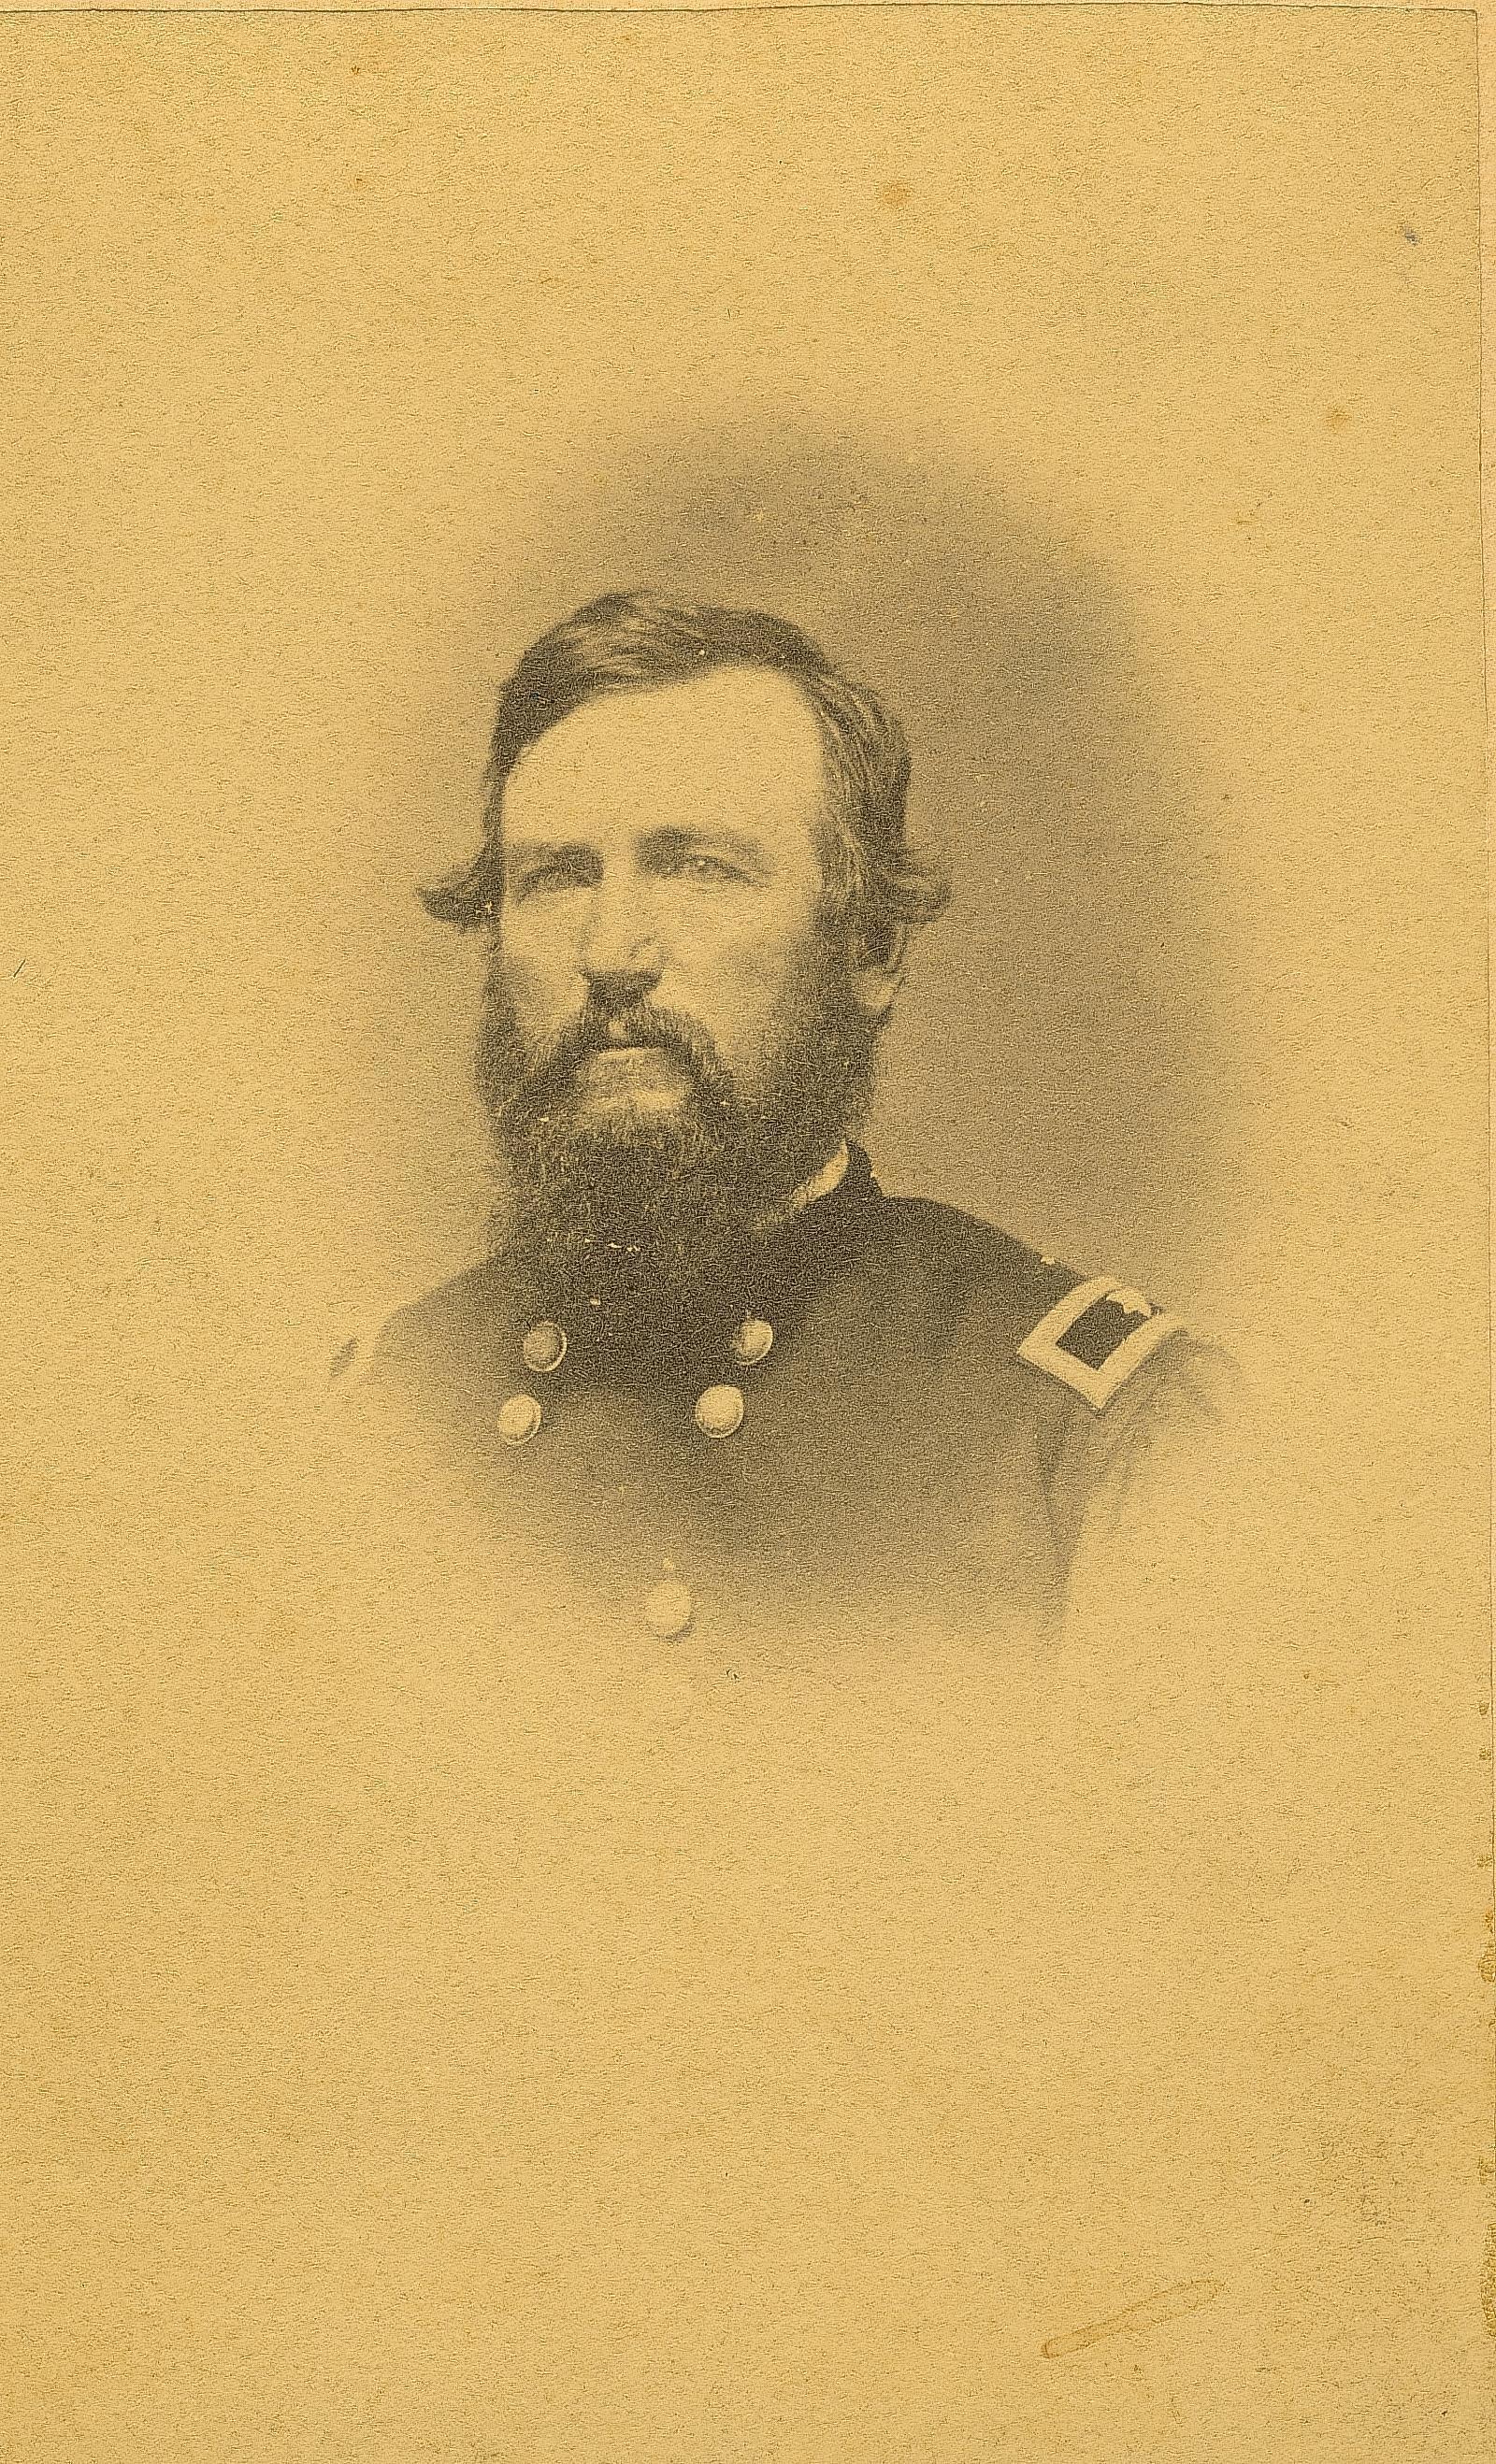 Charles Robert Woods